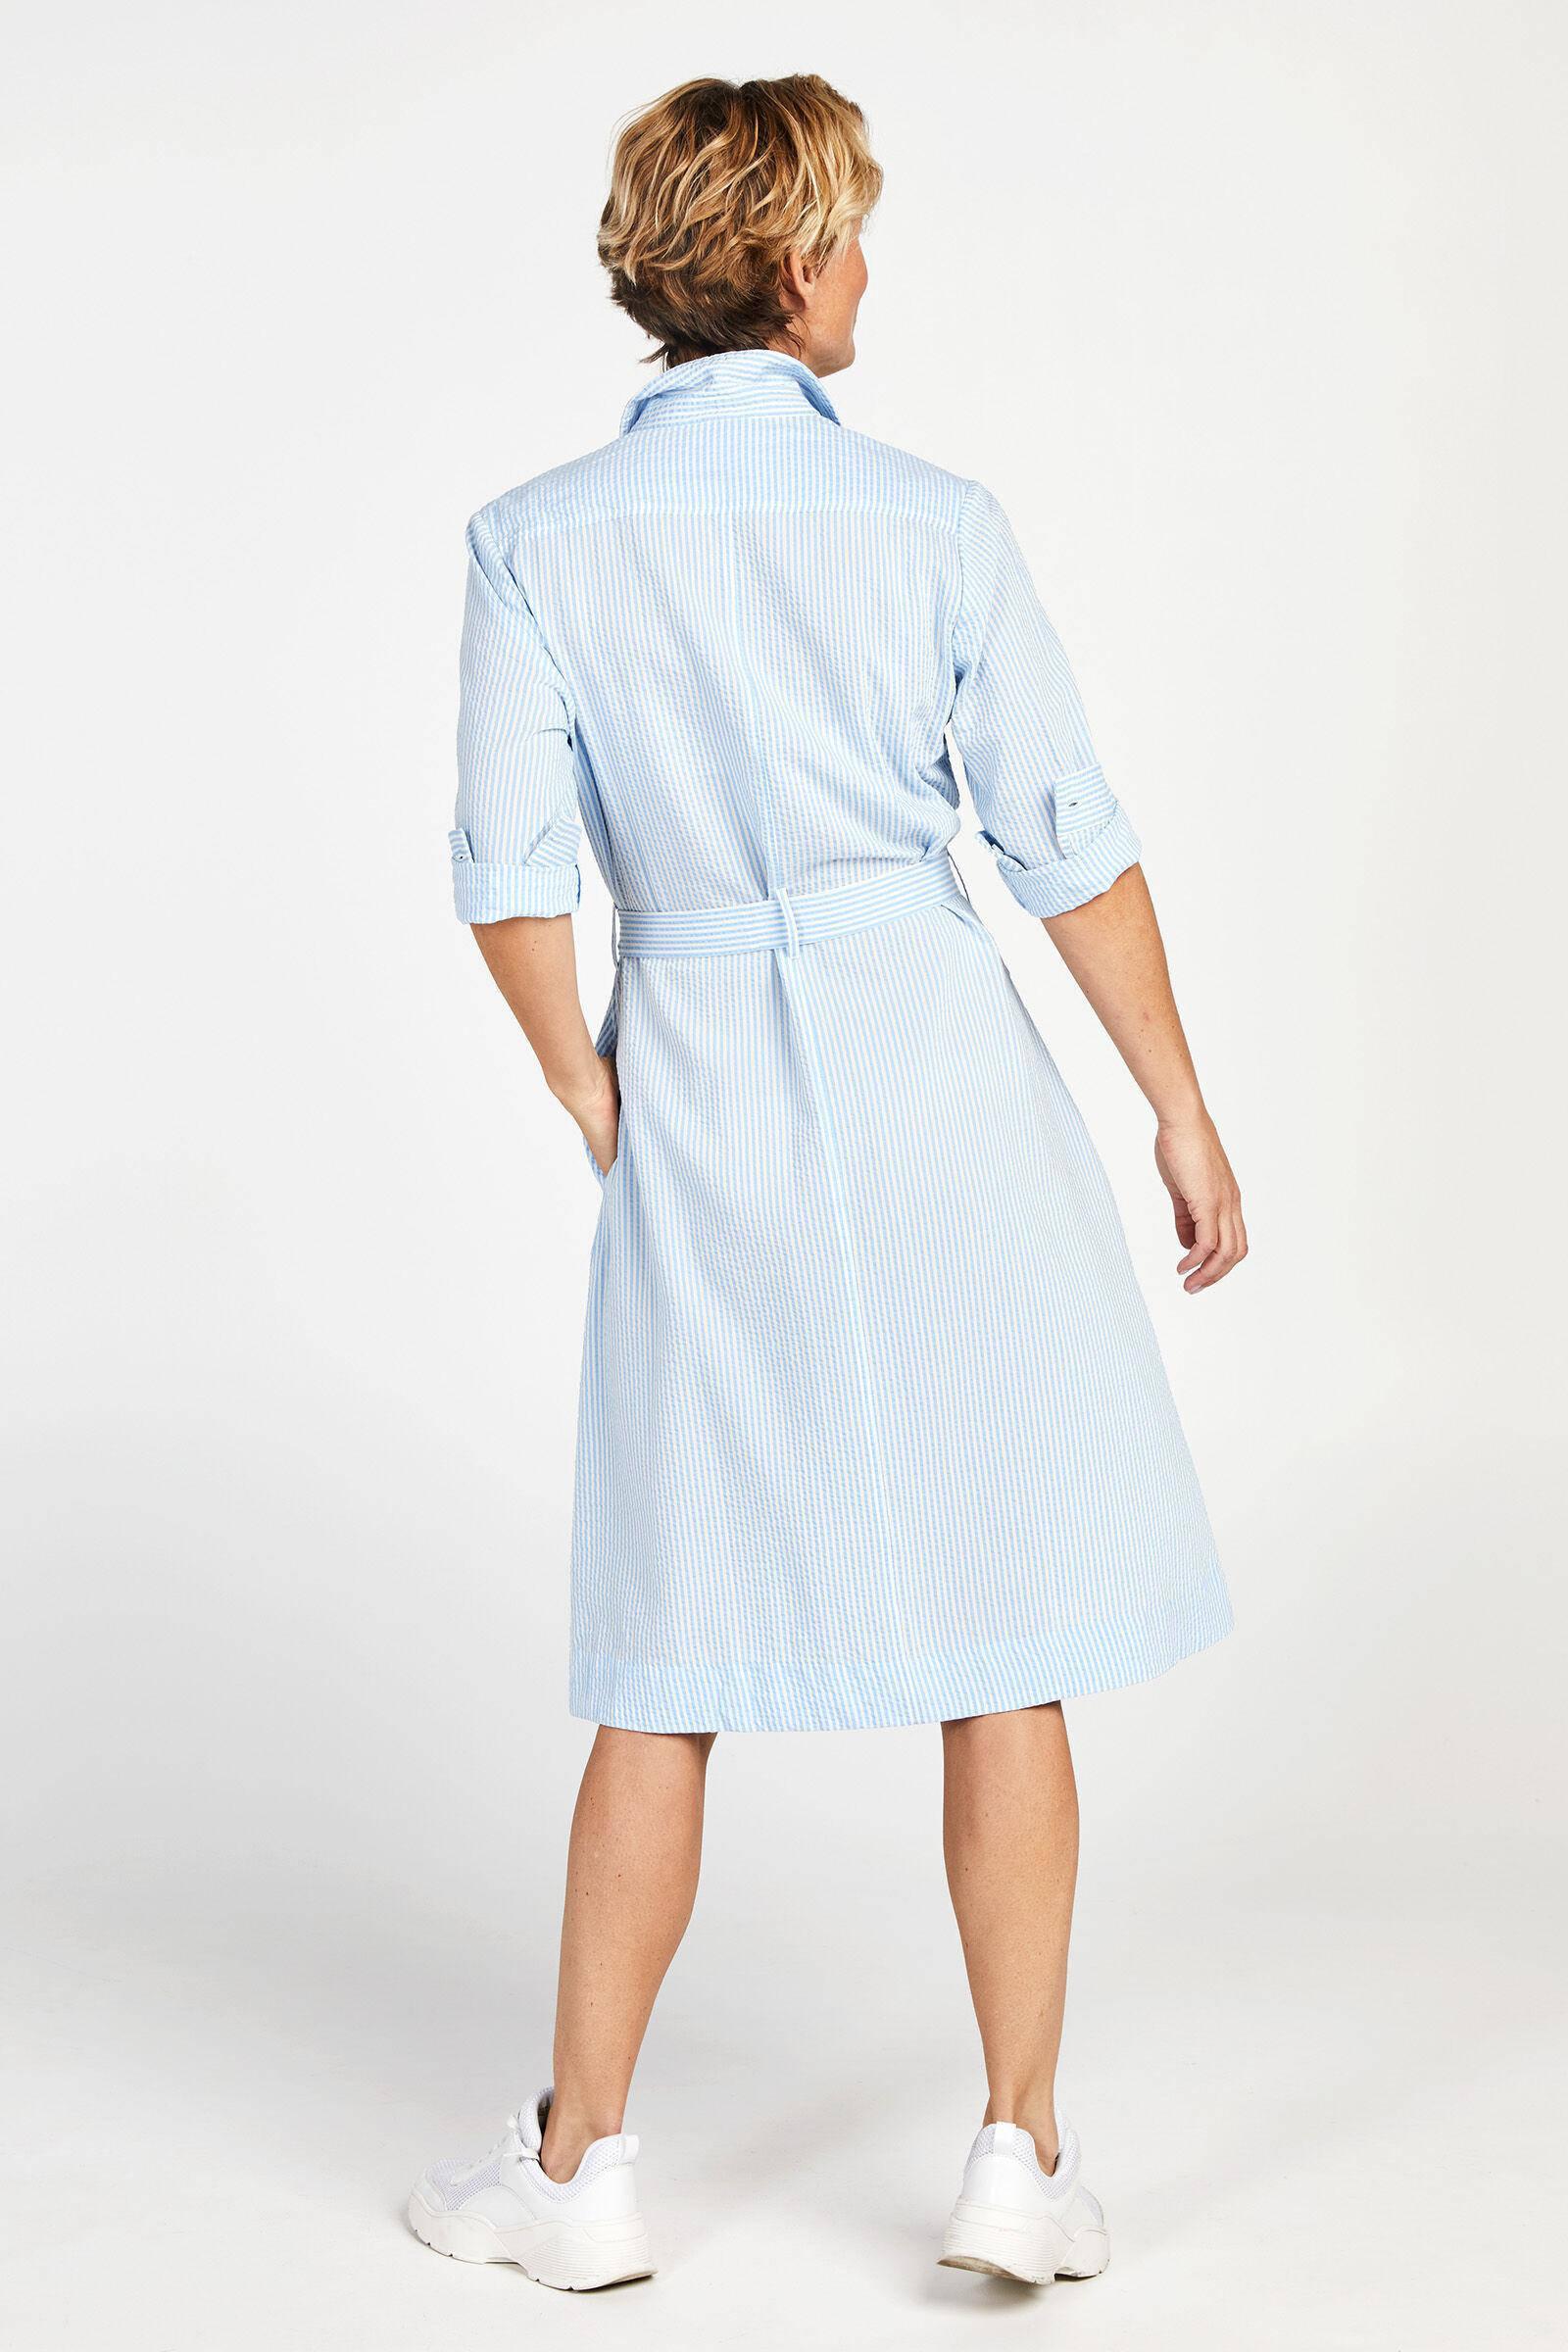 PROMISS gestreepte blousejurk lichtblauw